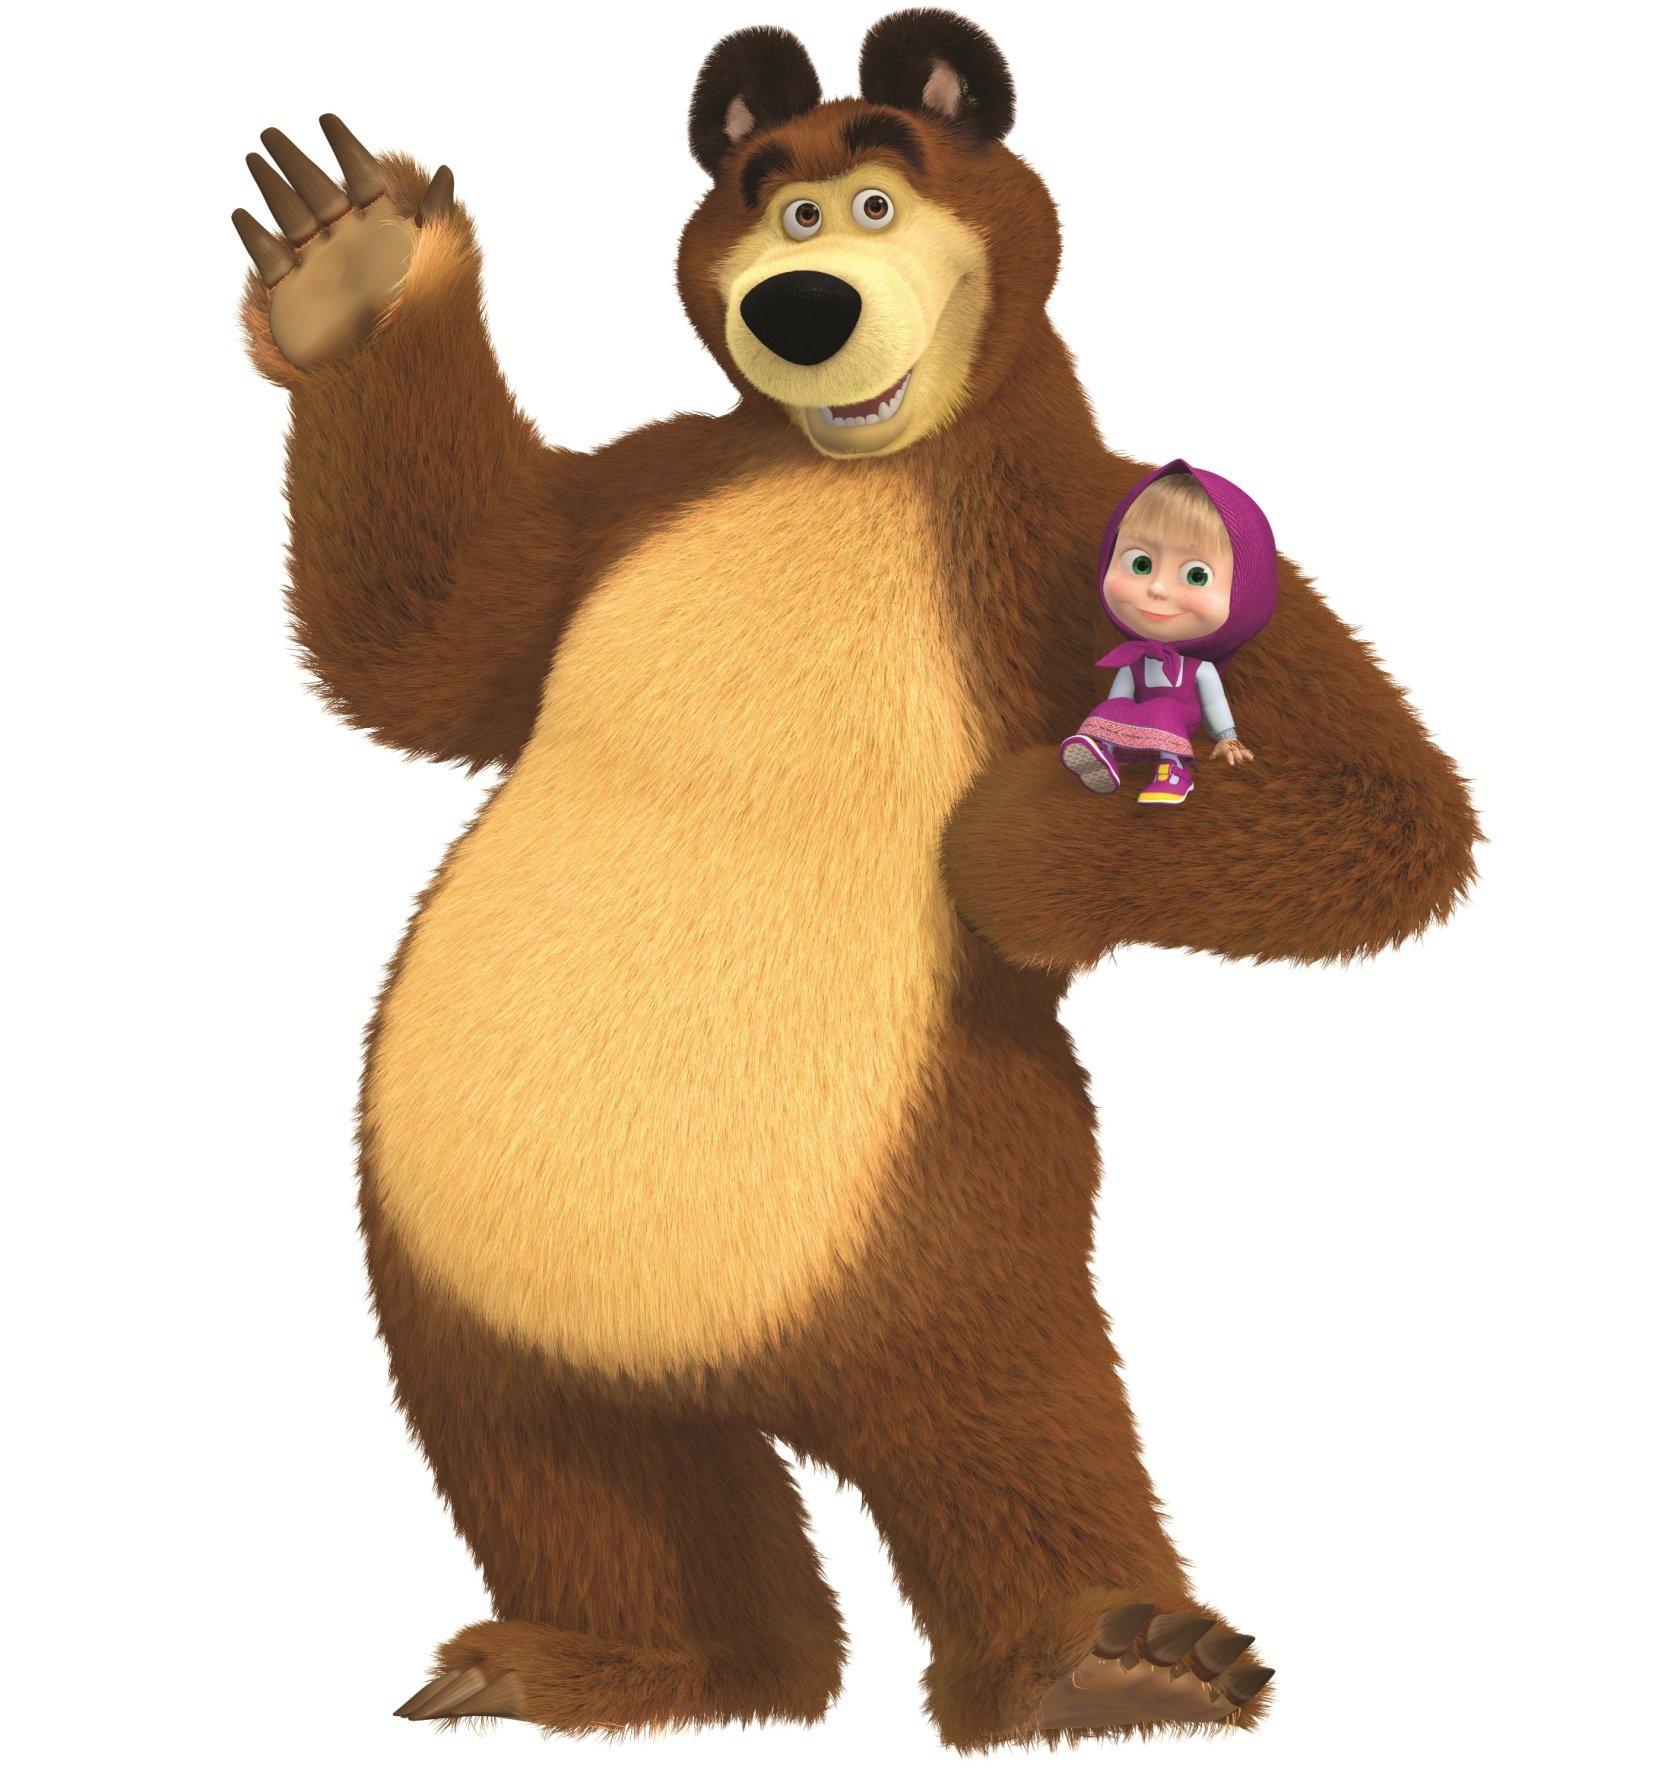 маша и медведь герои на белом фоне есть слабый аккумулятор